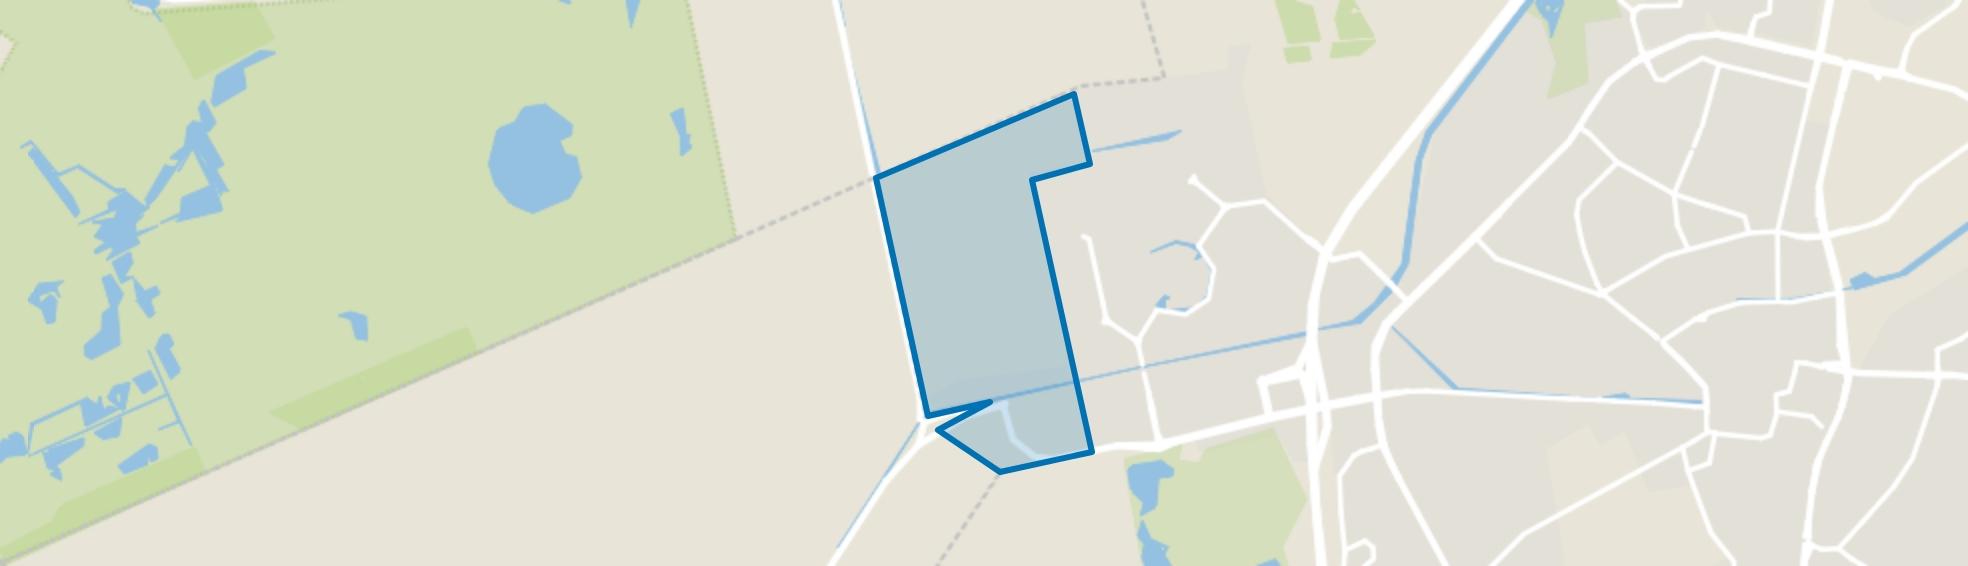 Uitbreidingsgebied Kloosterveen, Assen map